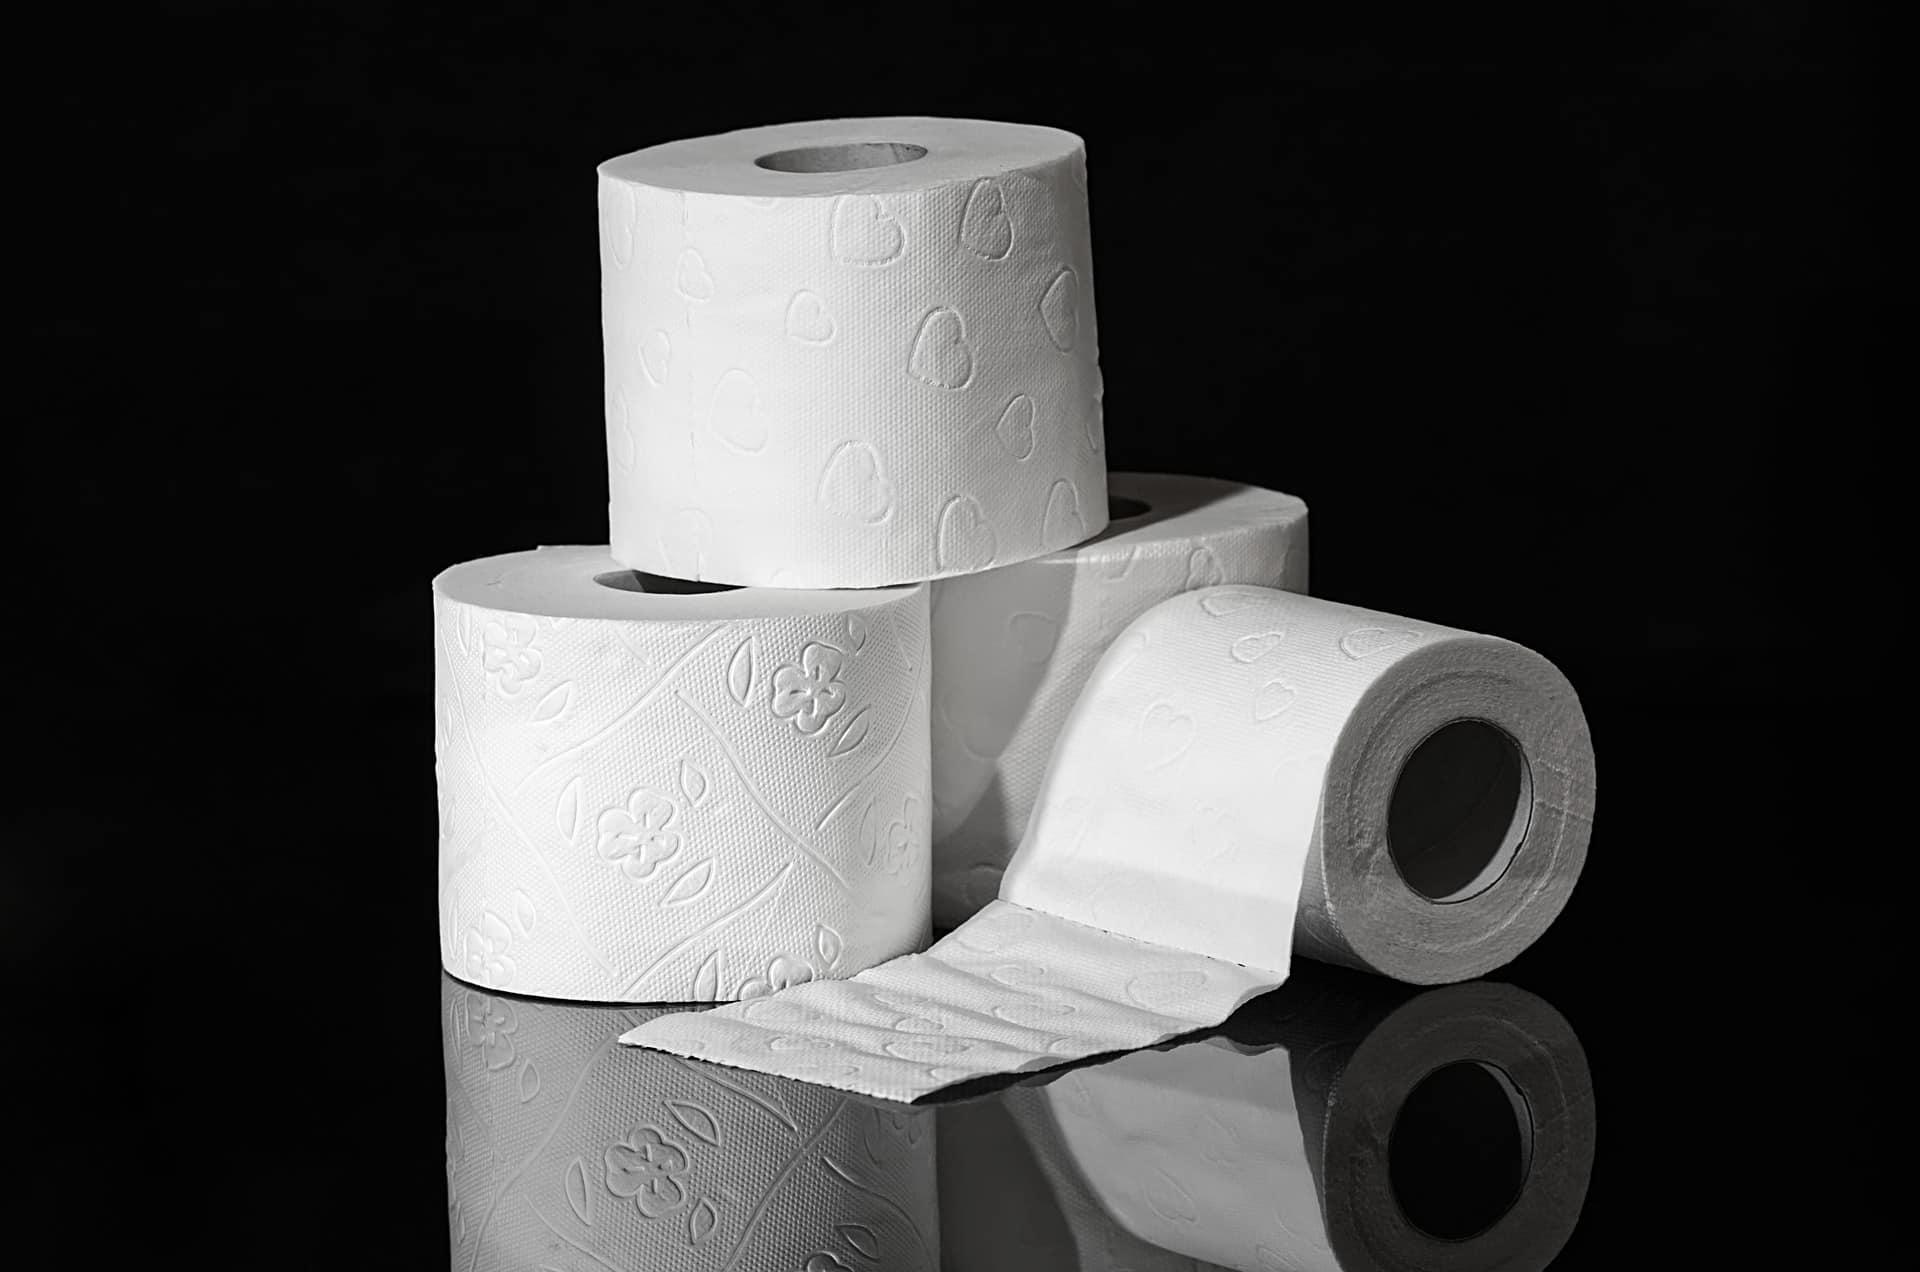 Imagem três rolos de papel higiênico sobre bancada preta em fundo preto.